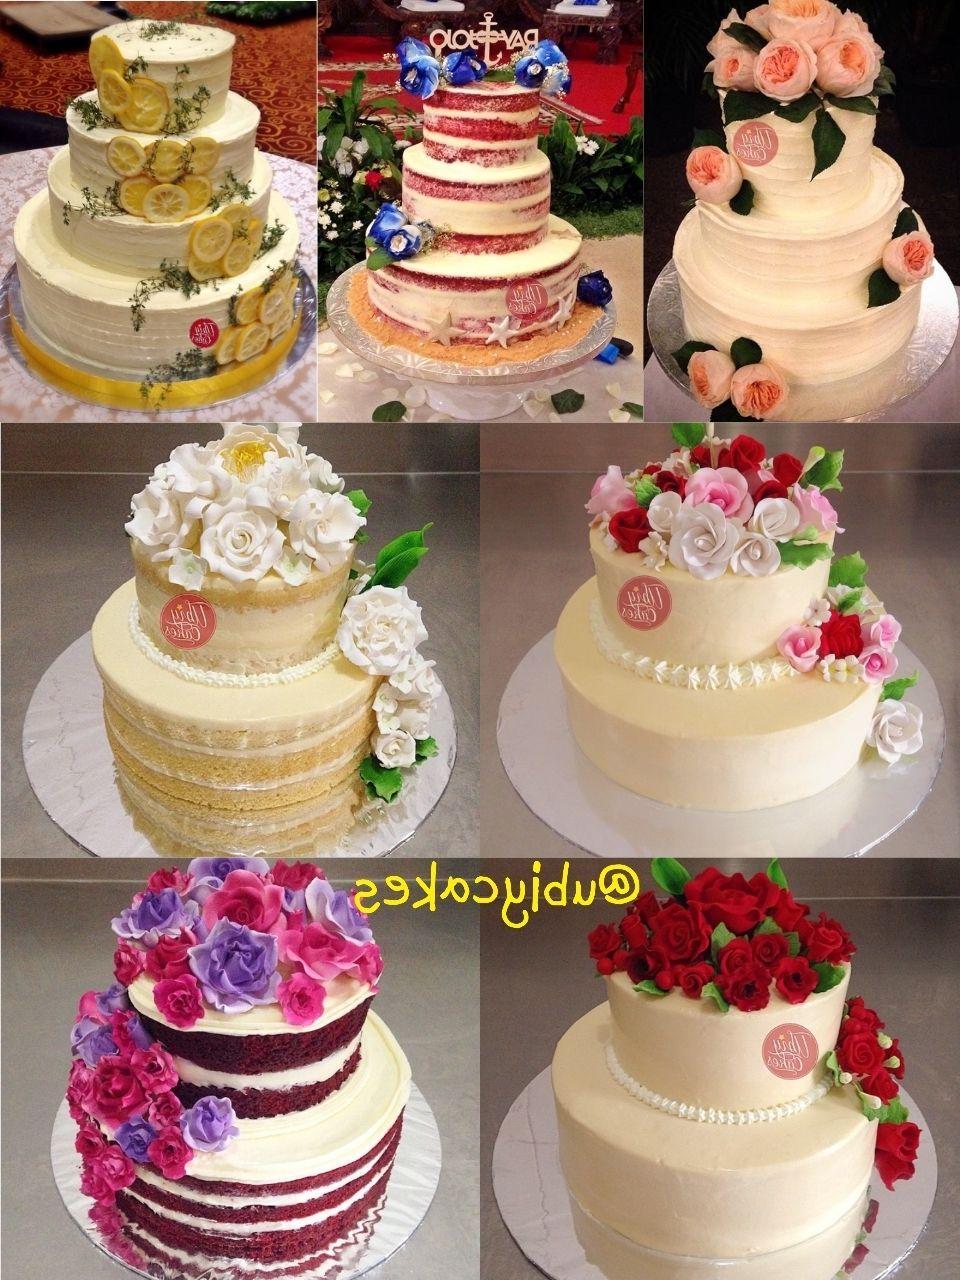 Harga Wedding Cake Cream And Lace Cake, Wedding cakes